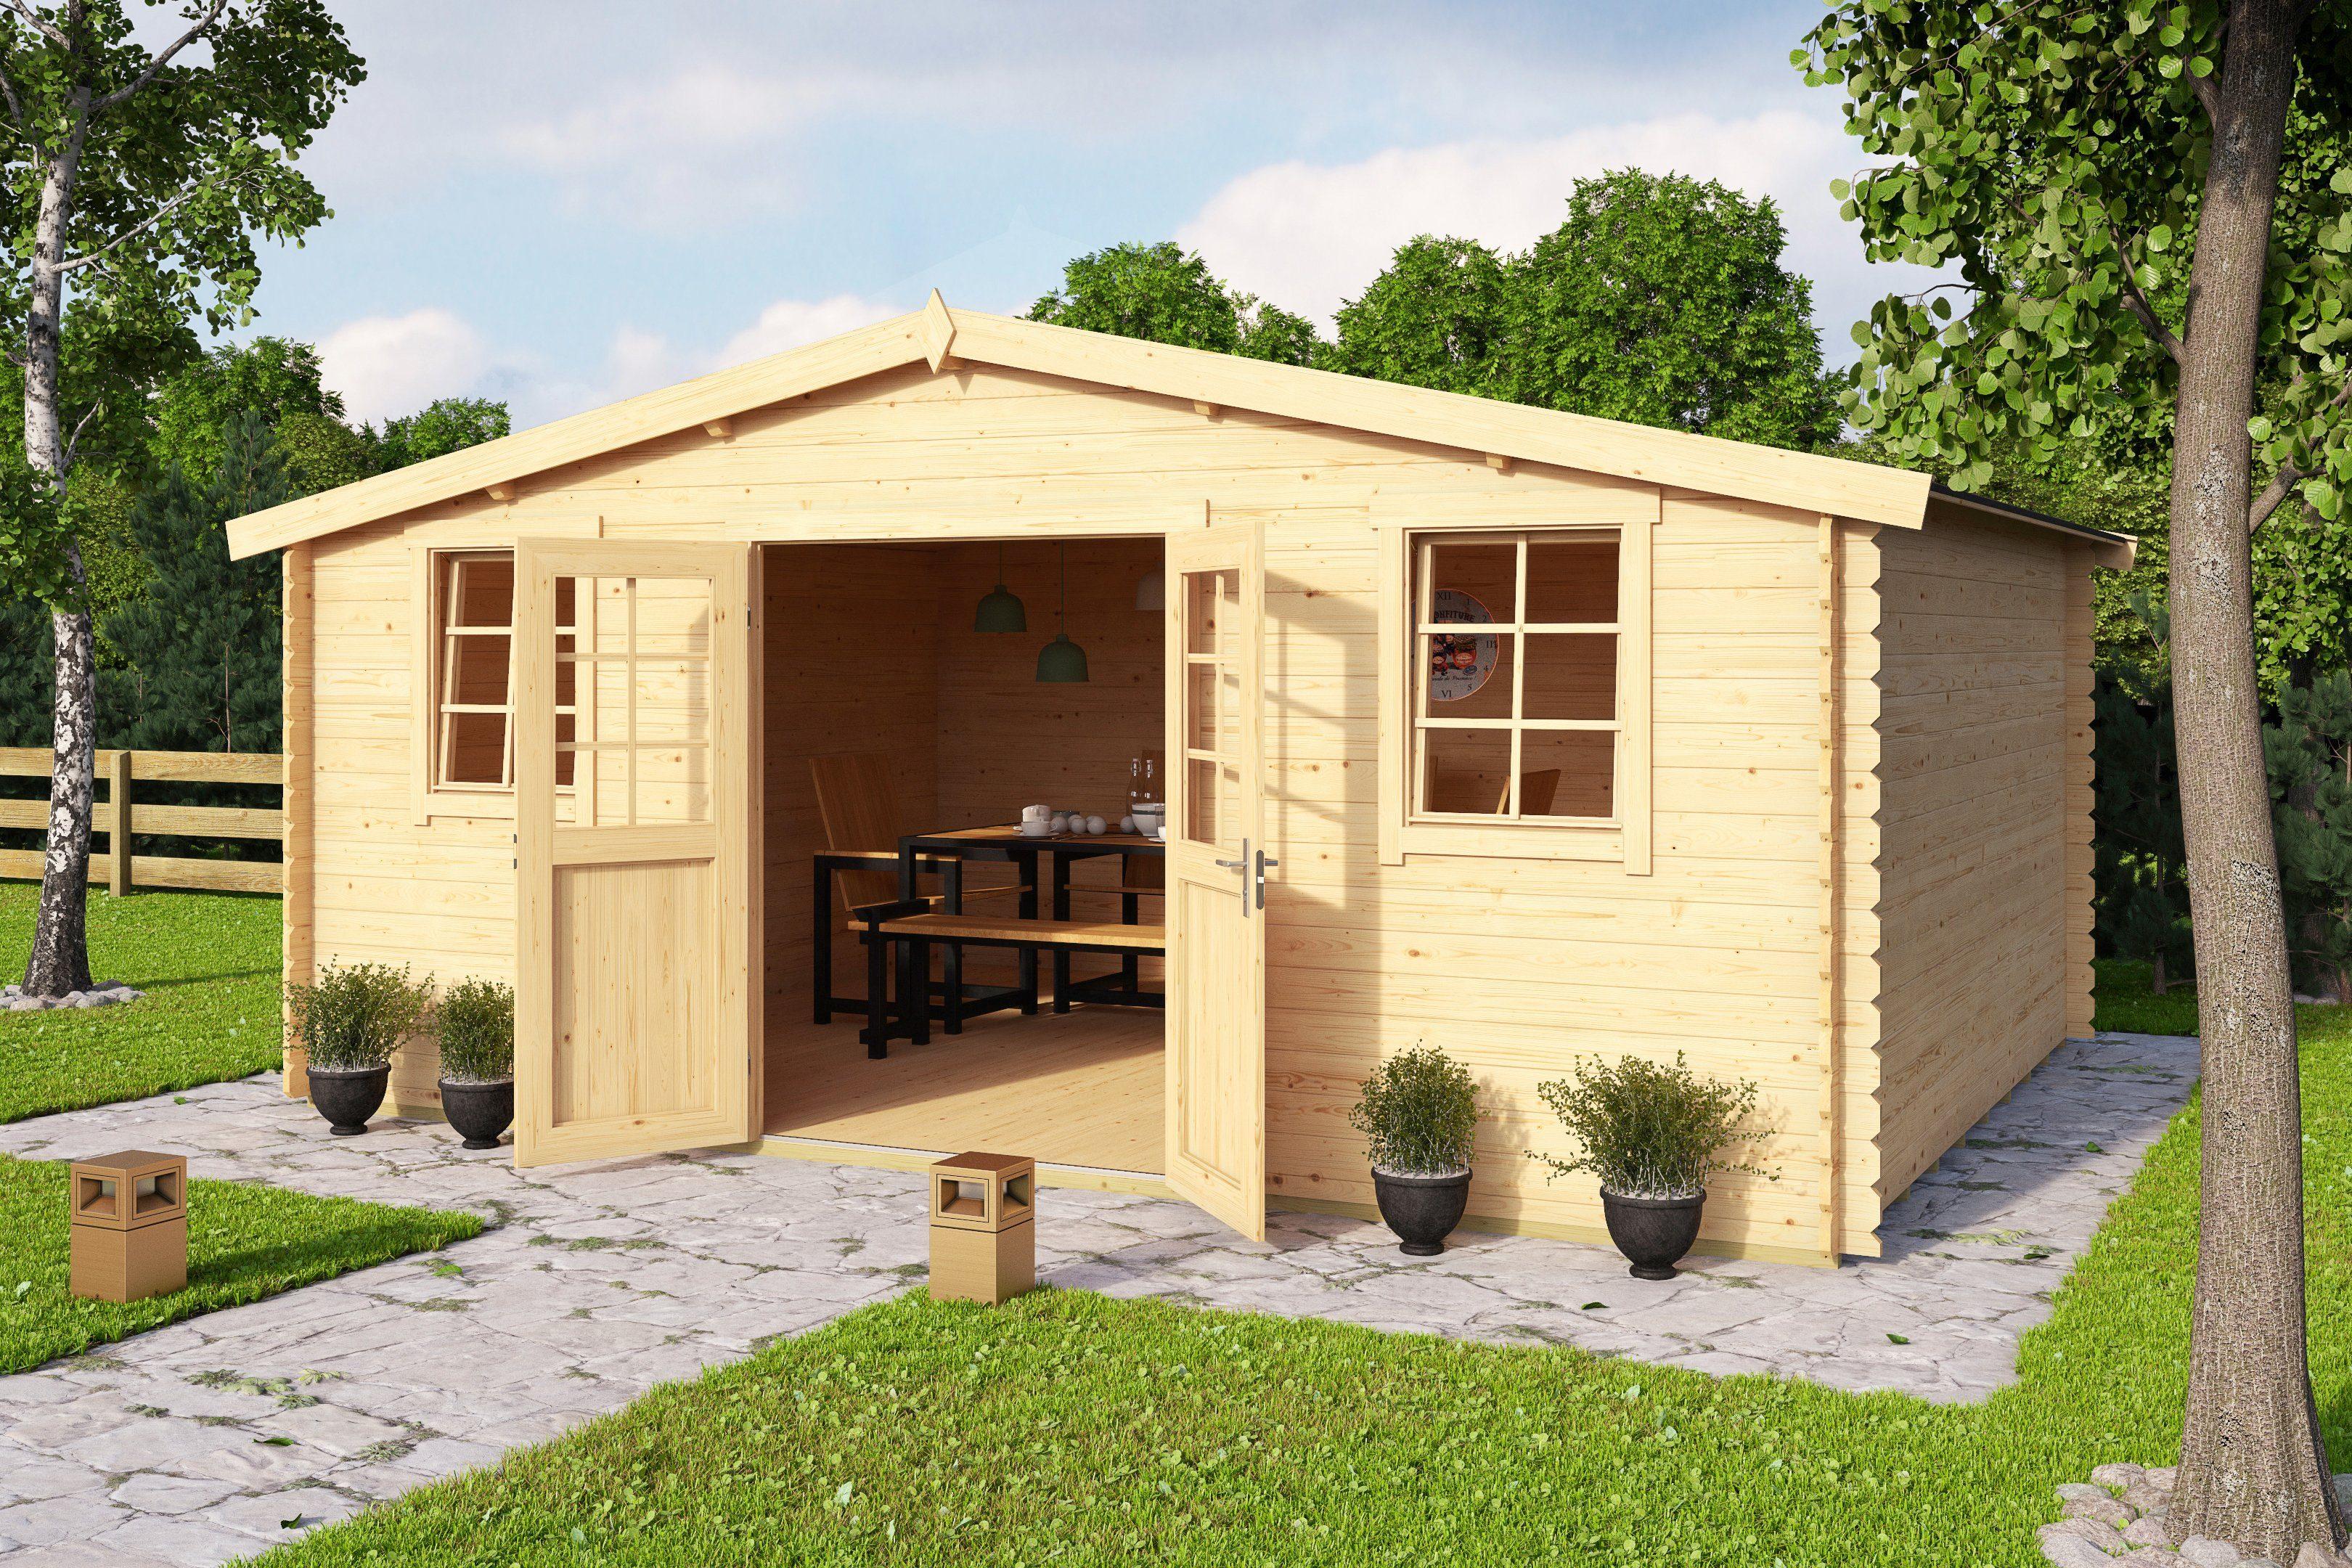 Fußboden Gartenhaus Holz ~ Outdoor life products gartenhaus mosel « bxt cm inkl